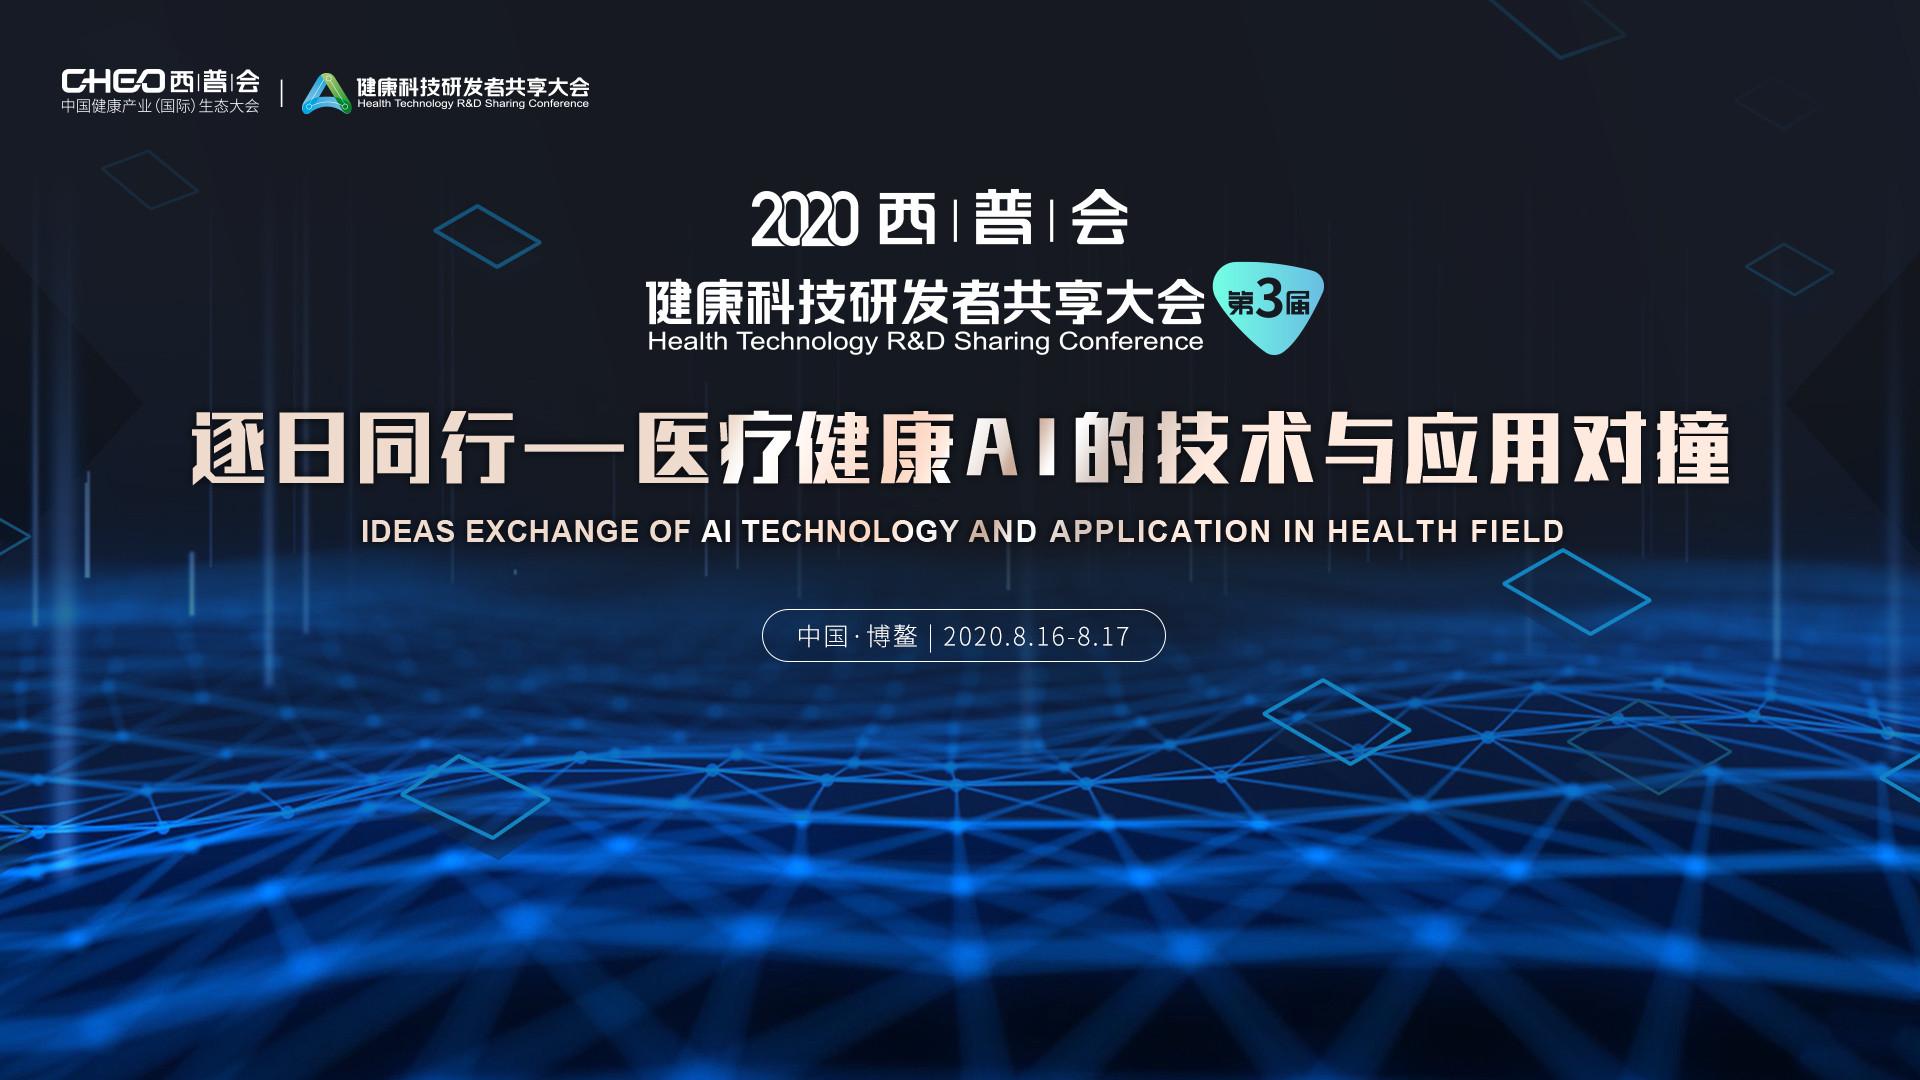 第三届健康科技研发者共享大会